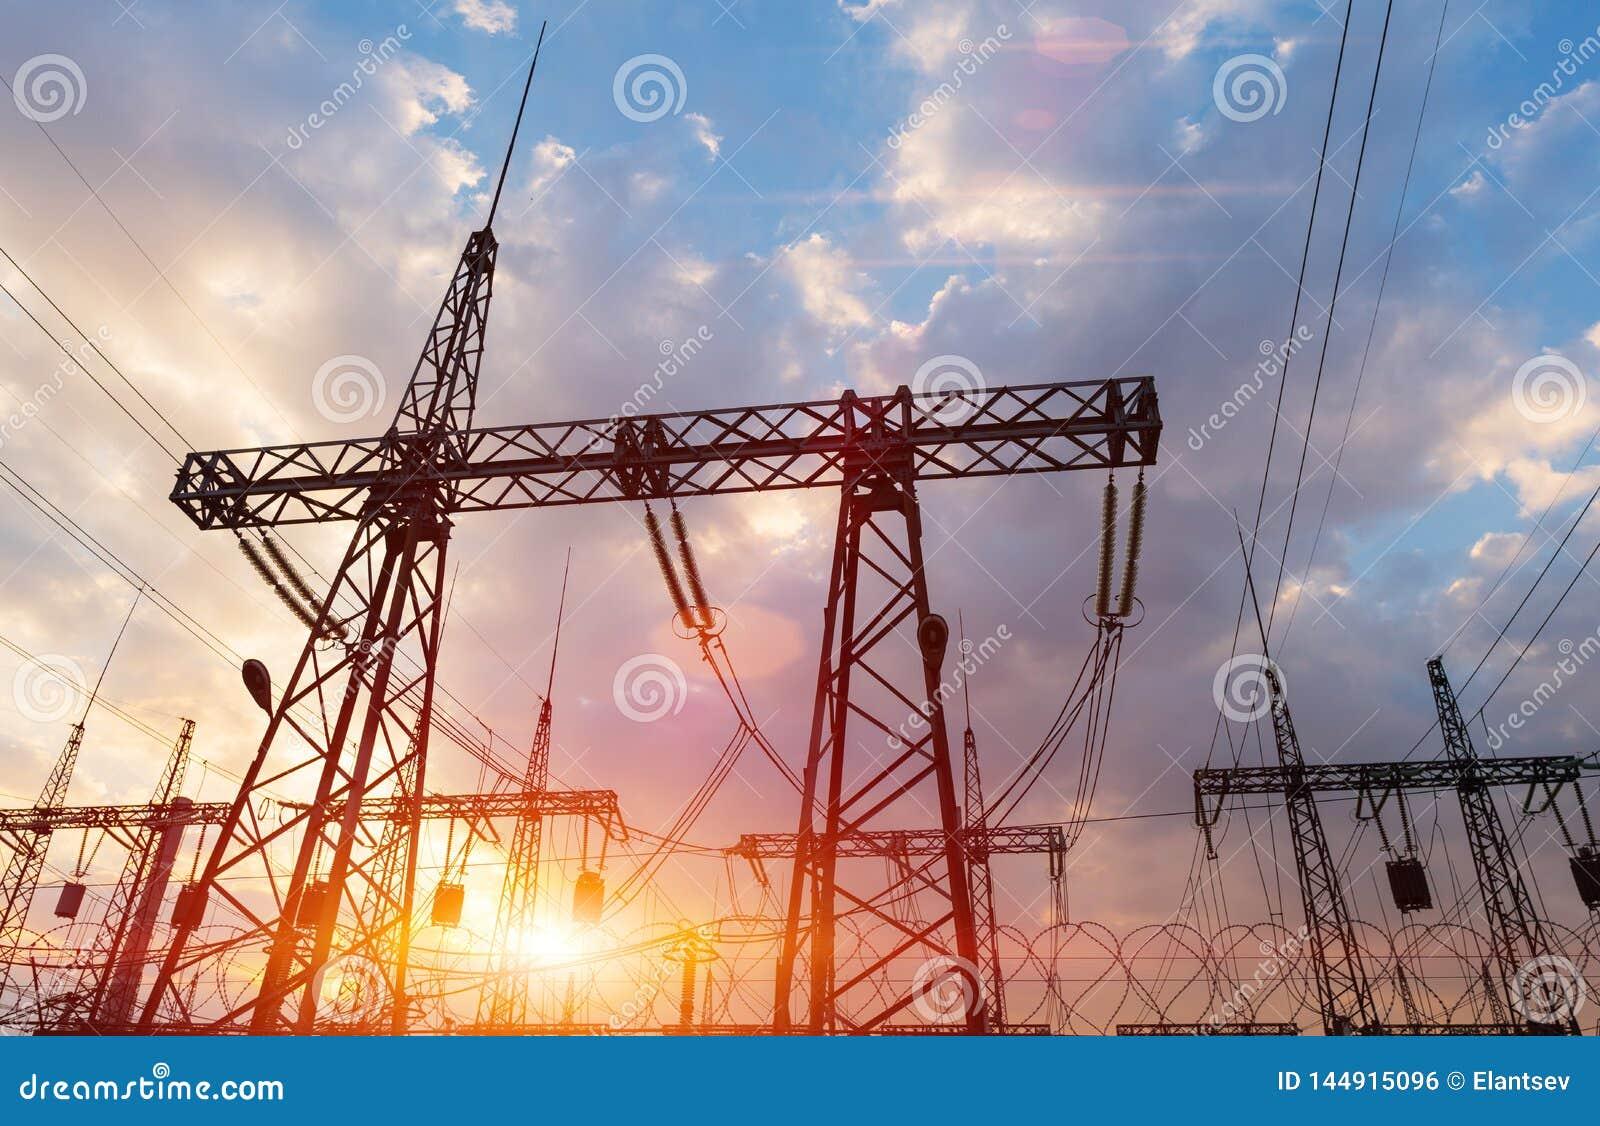 Posts o torre de alto voltaje del alto voltaje